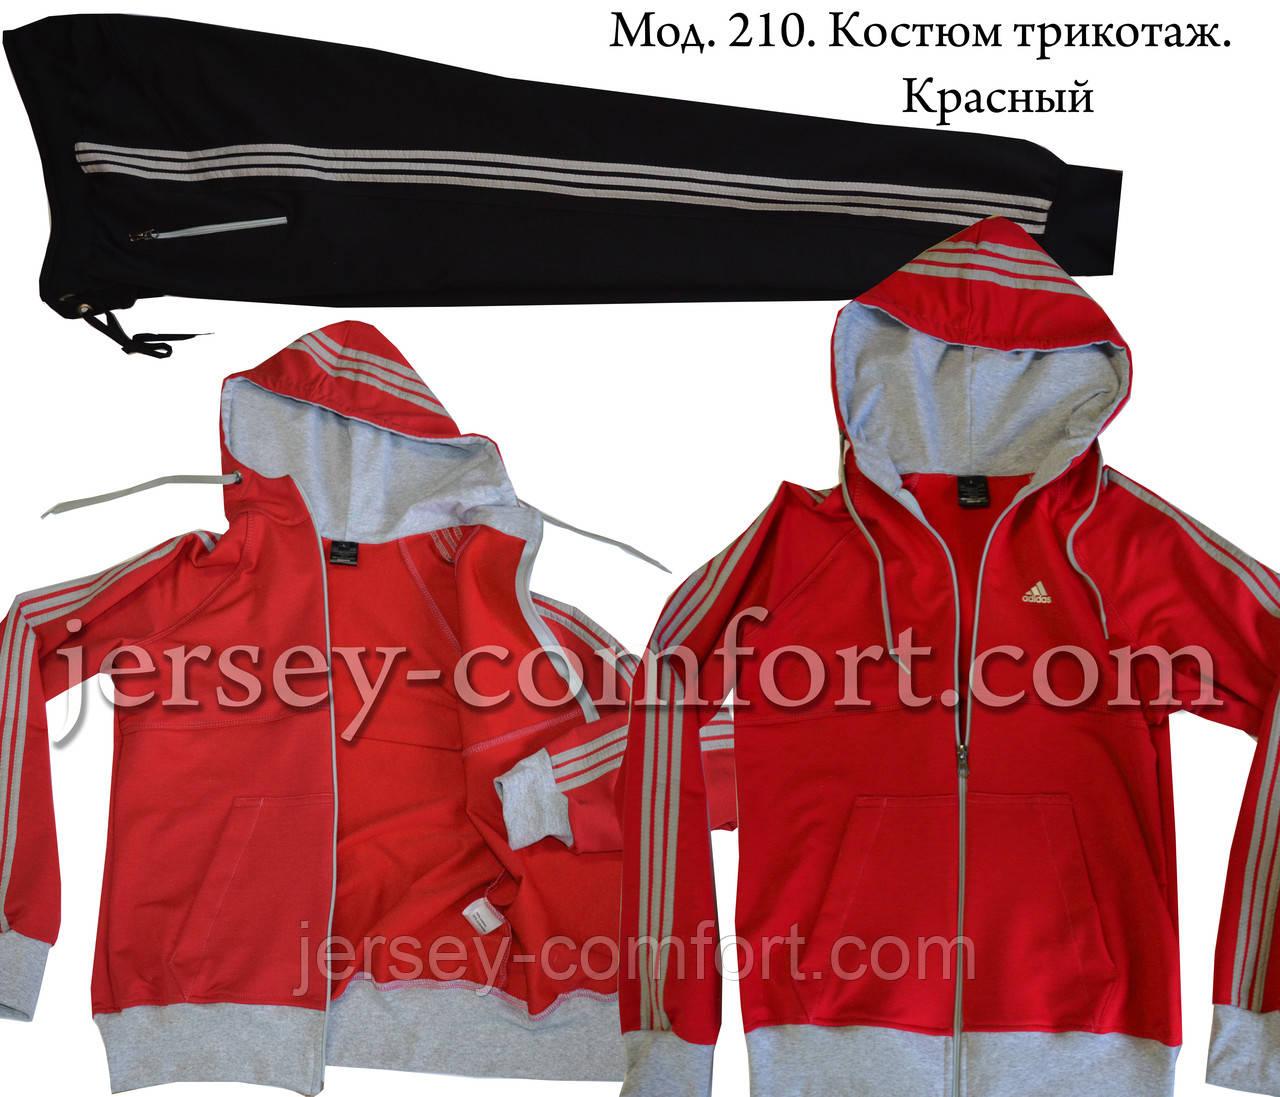 Трикотажный спортивный костюм.Красный\черный Мод. 210